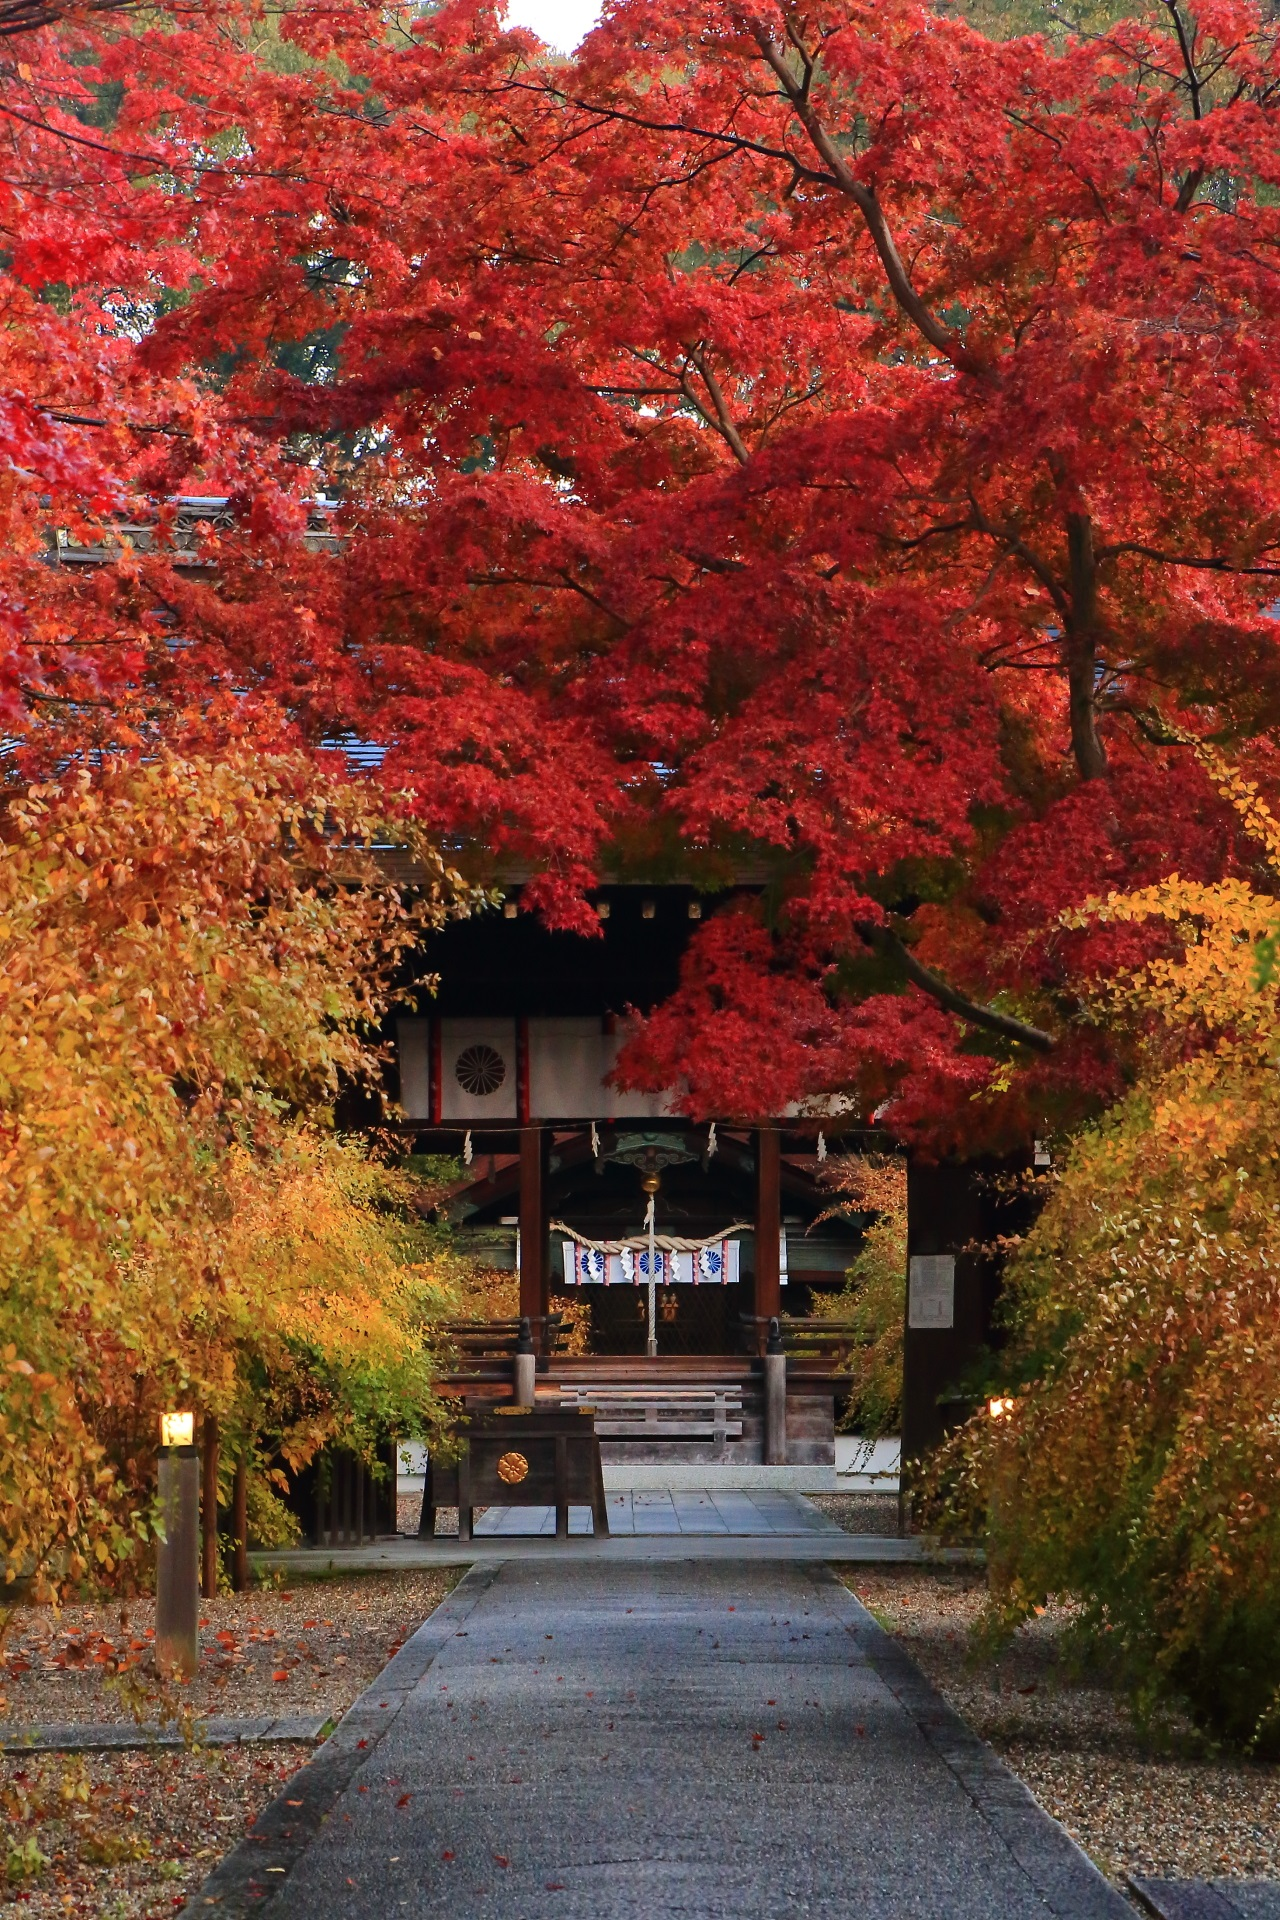 神門と参道を彩る溢れんばかりの燃えるような赤い紅葉